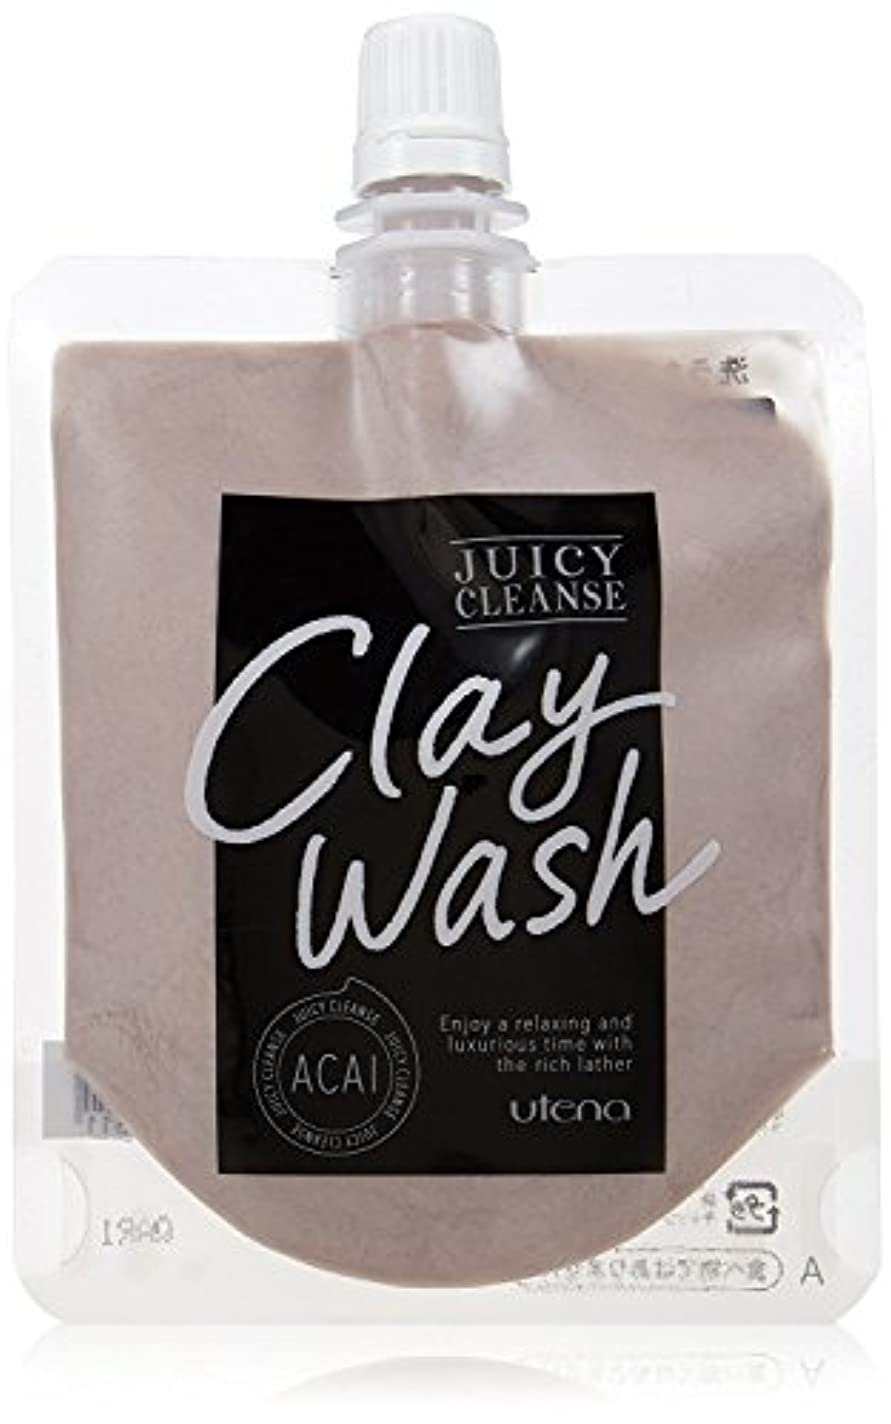 二度解く歪めるJUICY CLEANSE(ジューシィクレンズ) クレイウォッシュ アサイー 110g